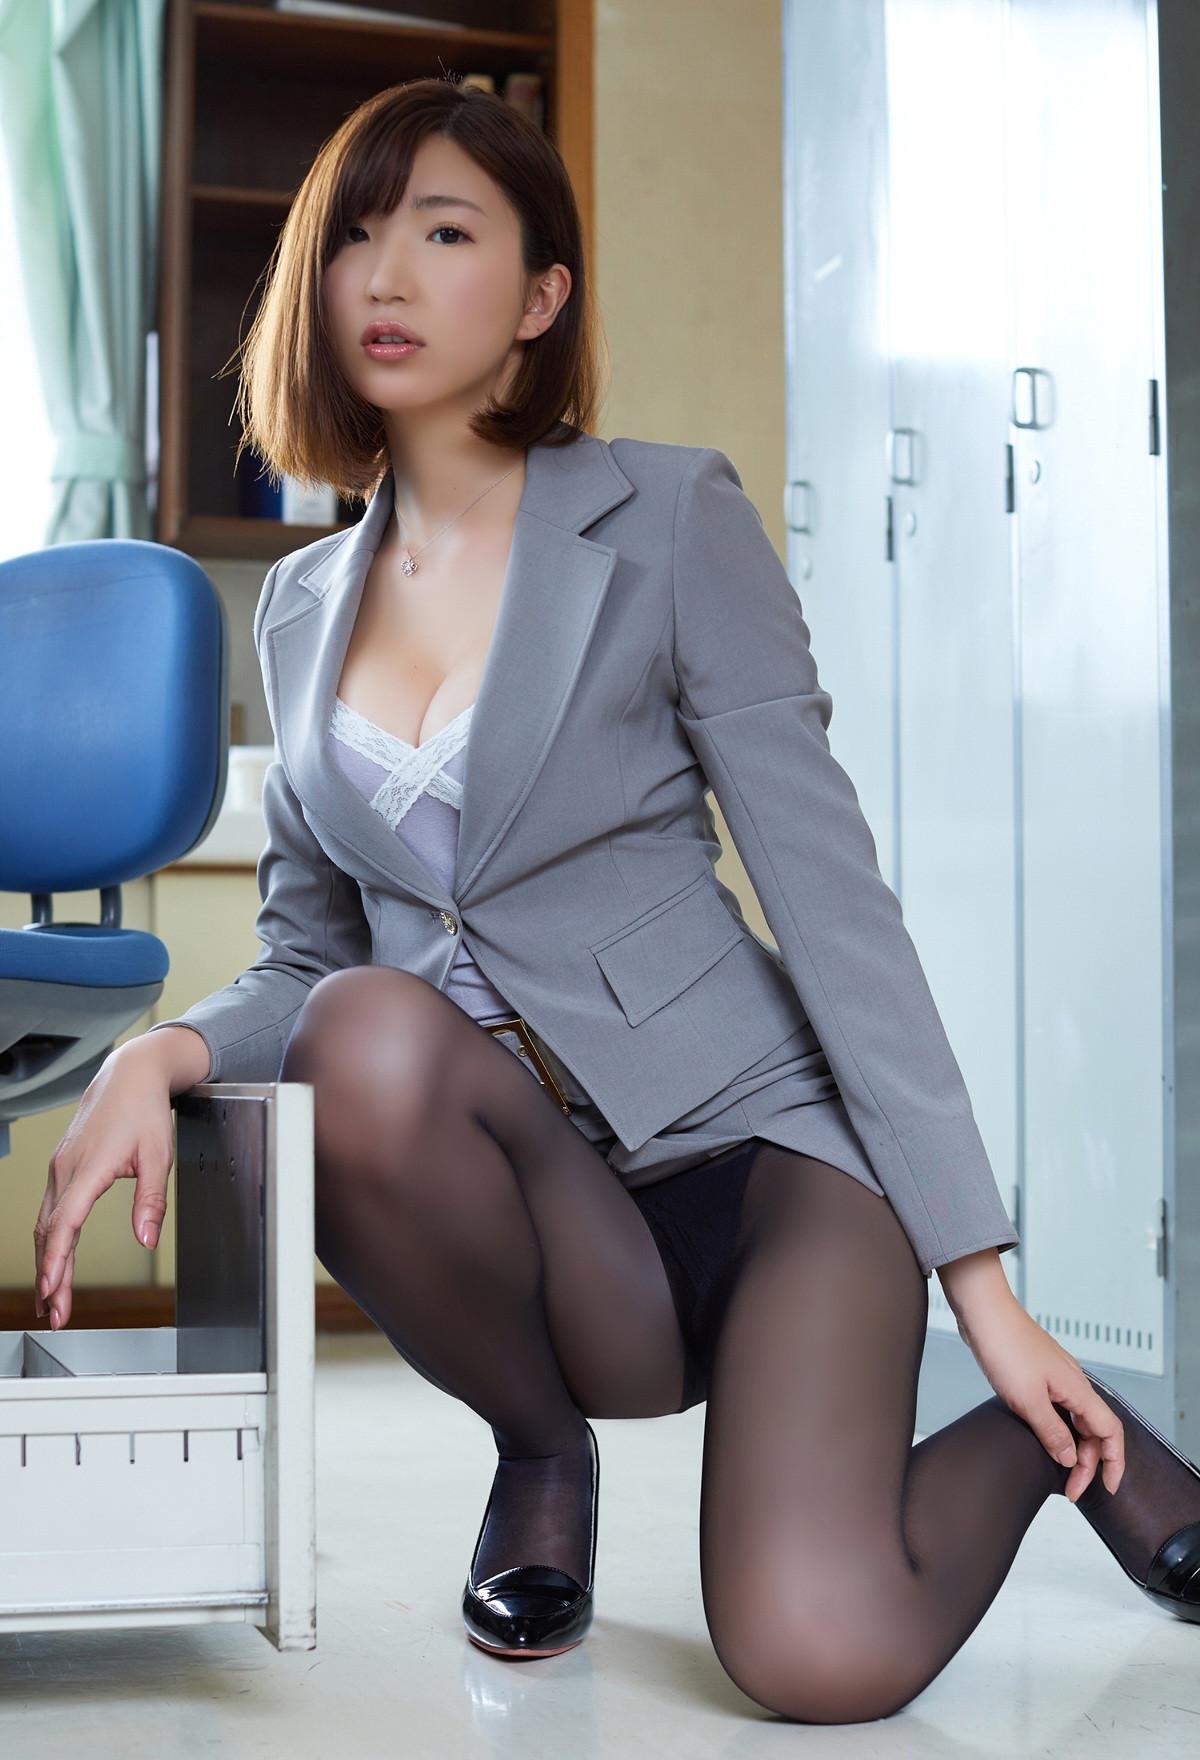 松嶋えいみ「放課後に呼び出されて」グラビア 画像 00018